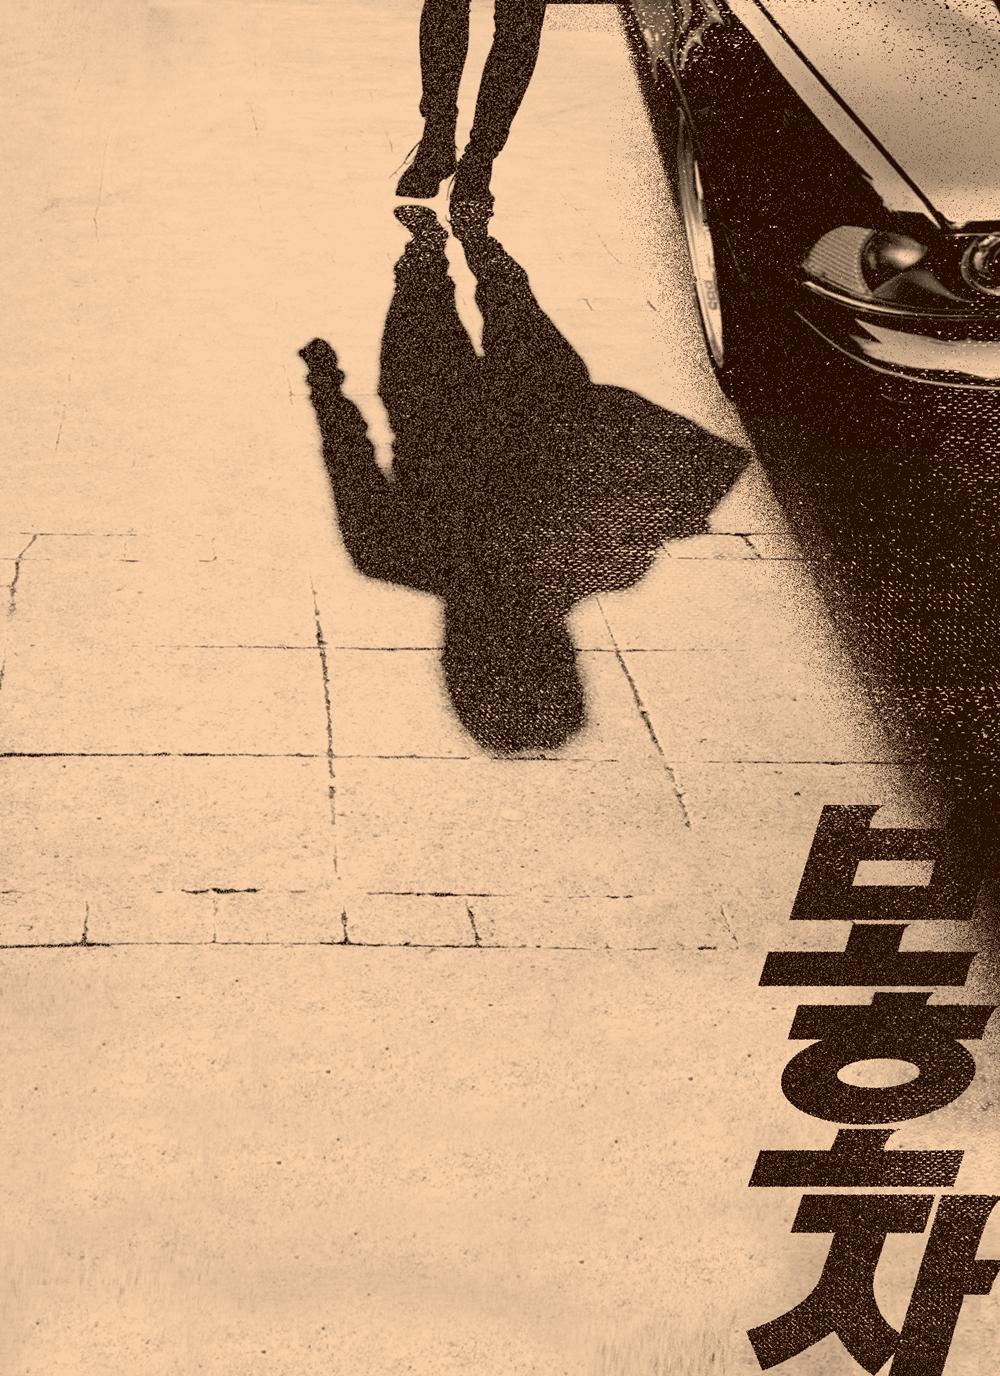 영화 '보호자' 포스터. 사진 에이스메이커무비웍스